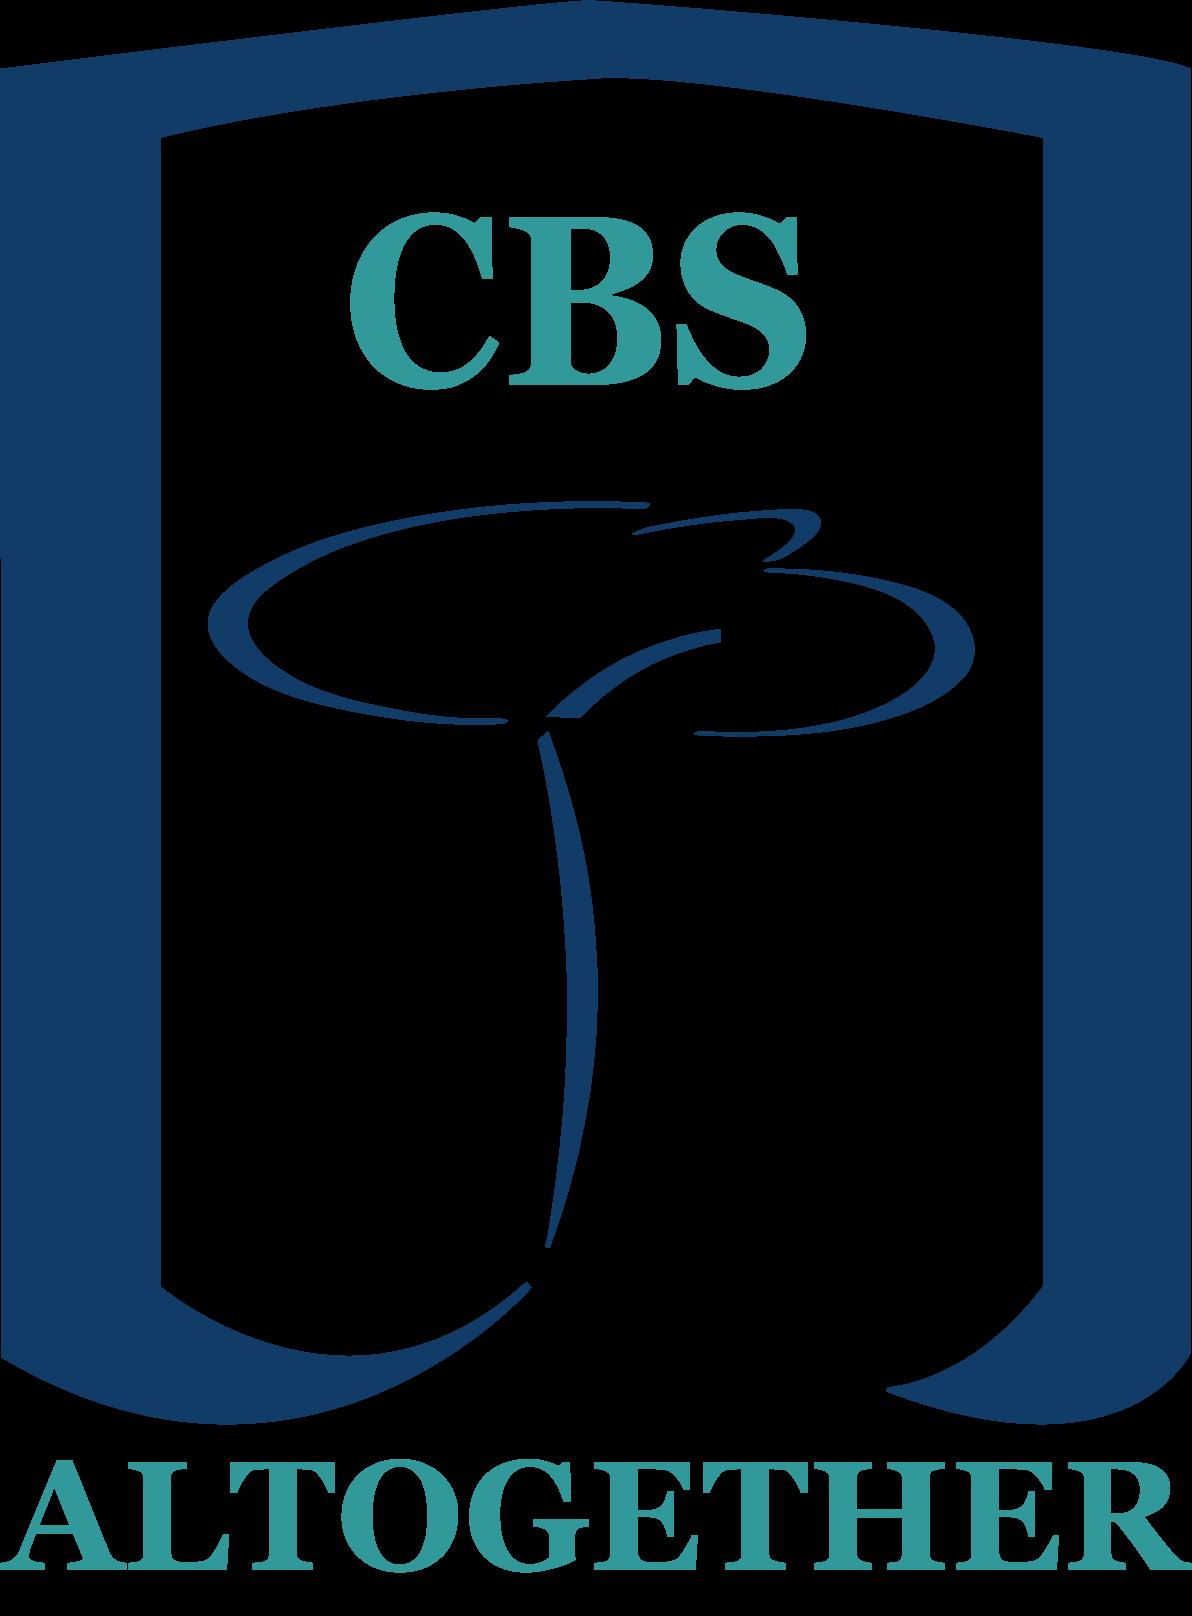 Entorno CBS